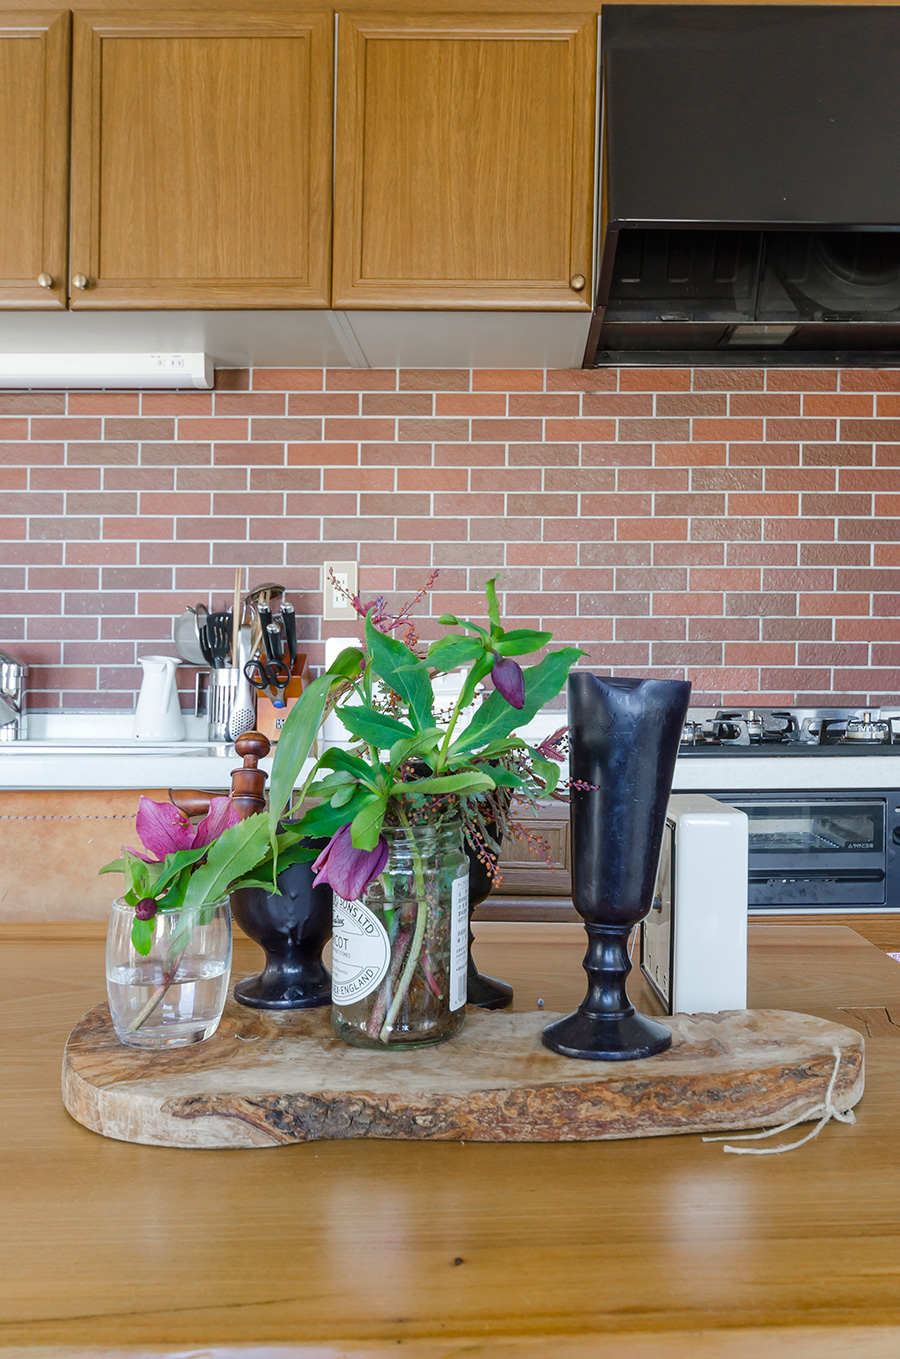 キッチンのテーブルの上にも花をディスプレイ。空き瓶を活用して無造作に。